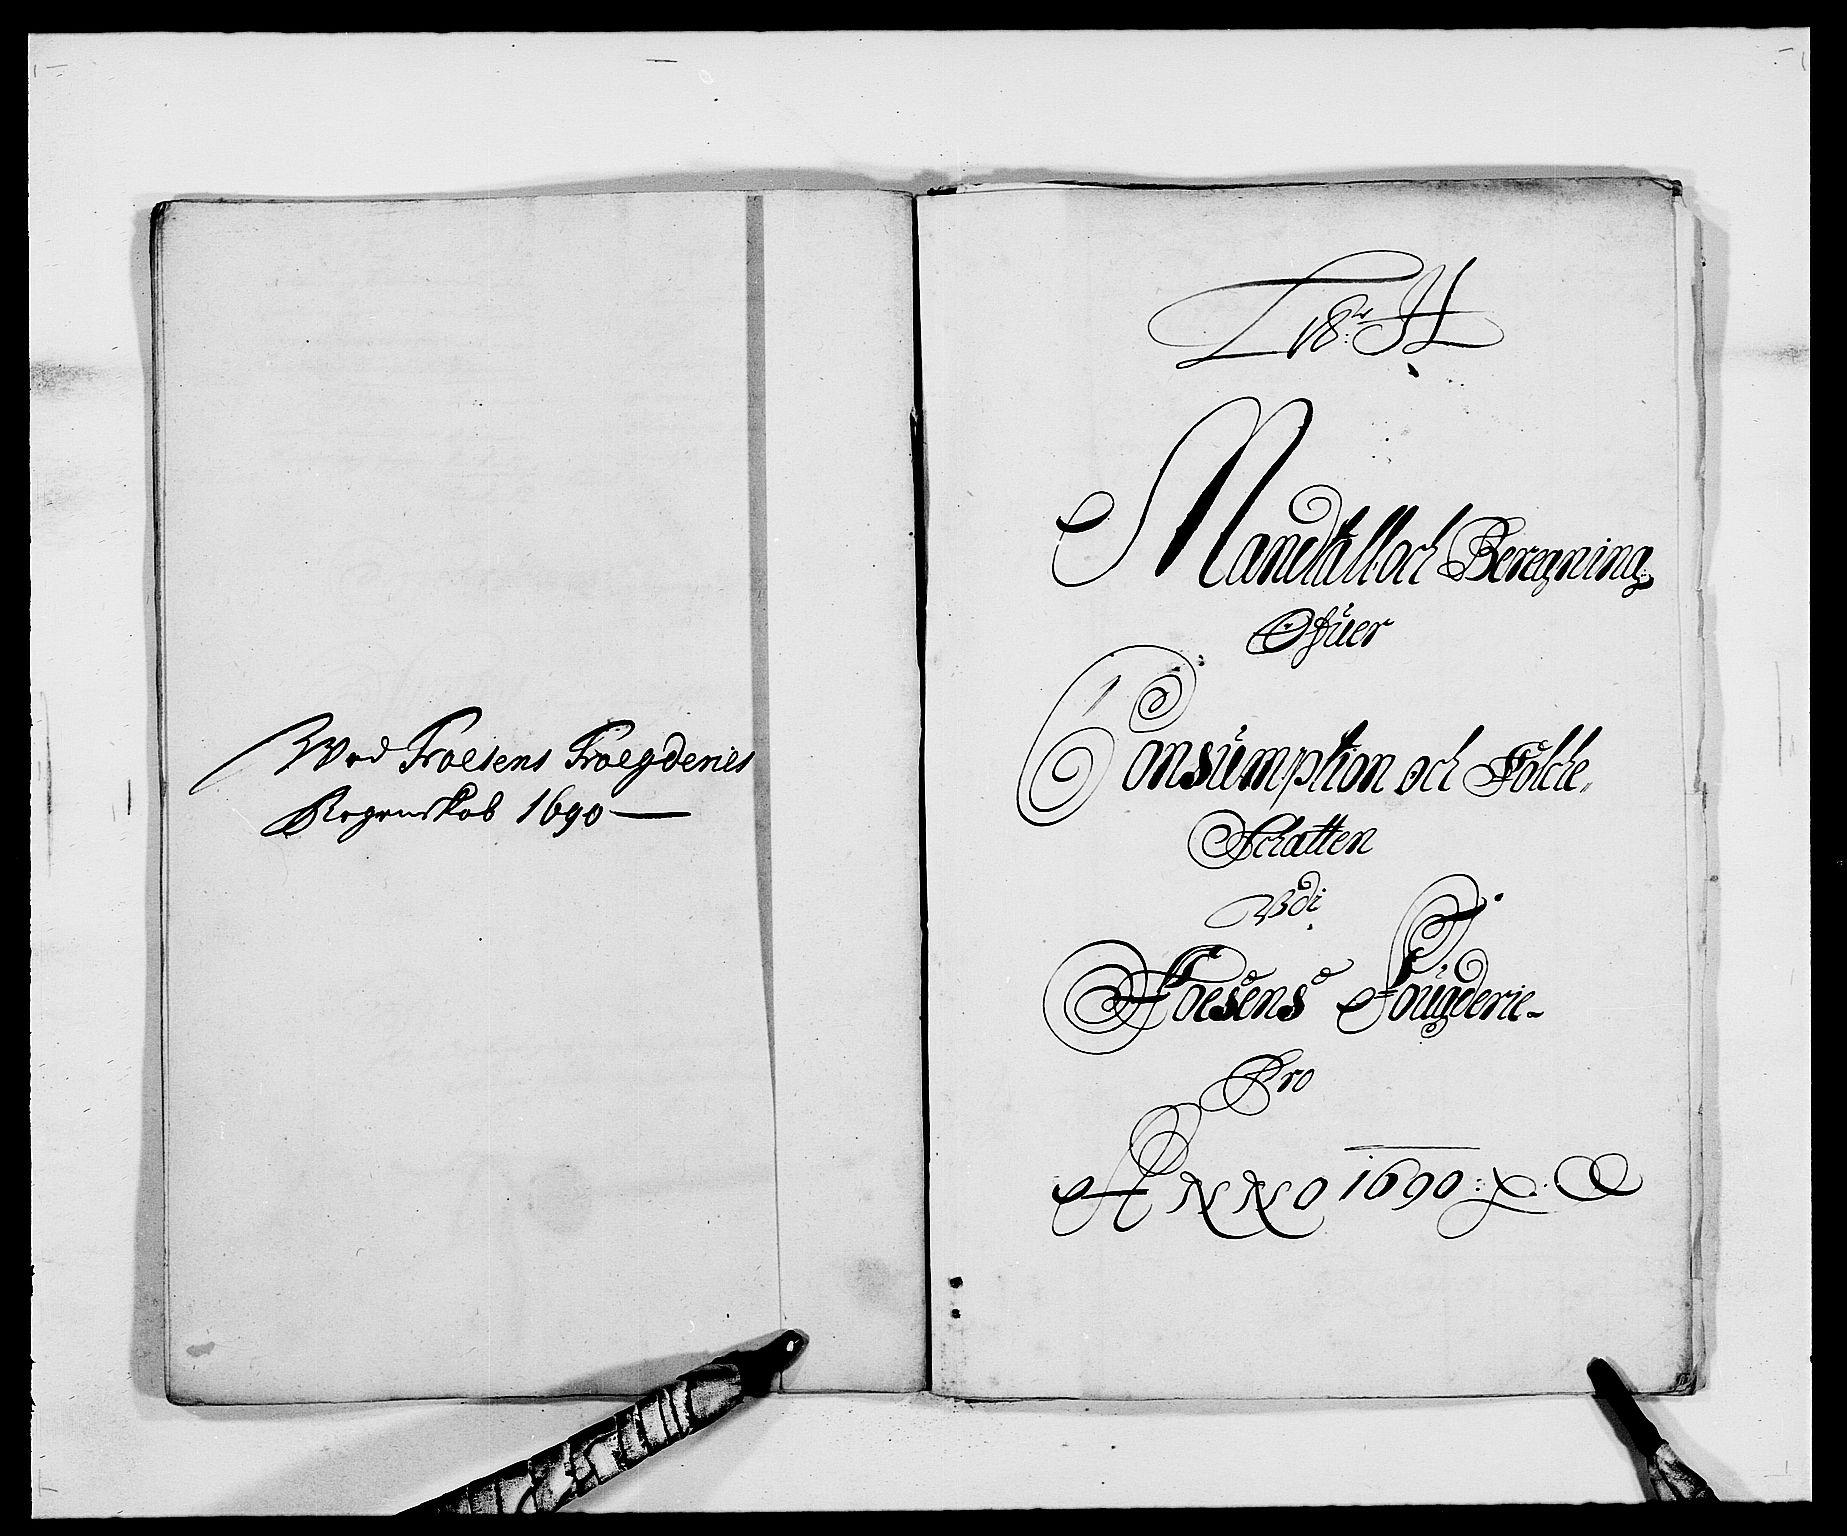 RA, Rentekammeret inntil 1814, Reviderte regnskaper, Fogderegnskap, R57/L3848: Fogderegnskap Fosen, 1690-1691, s. 119